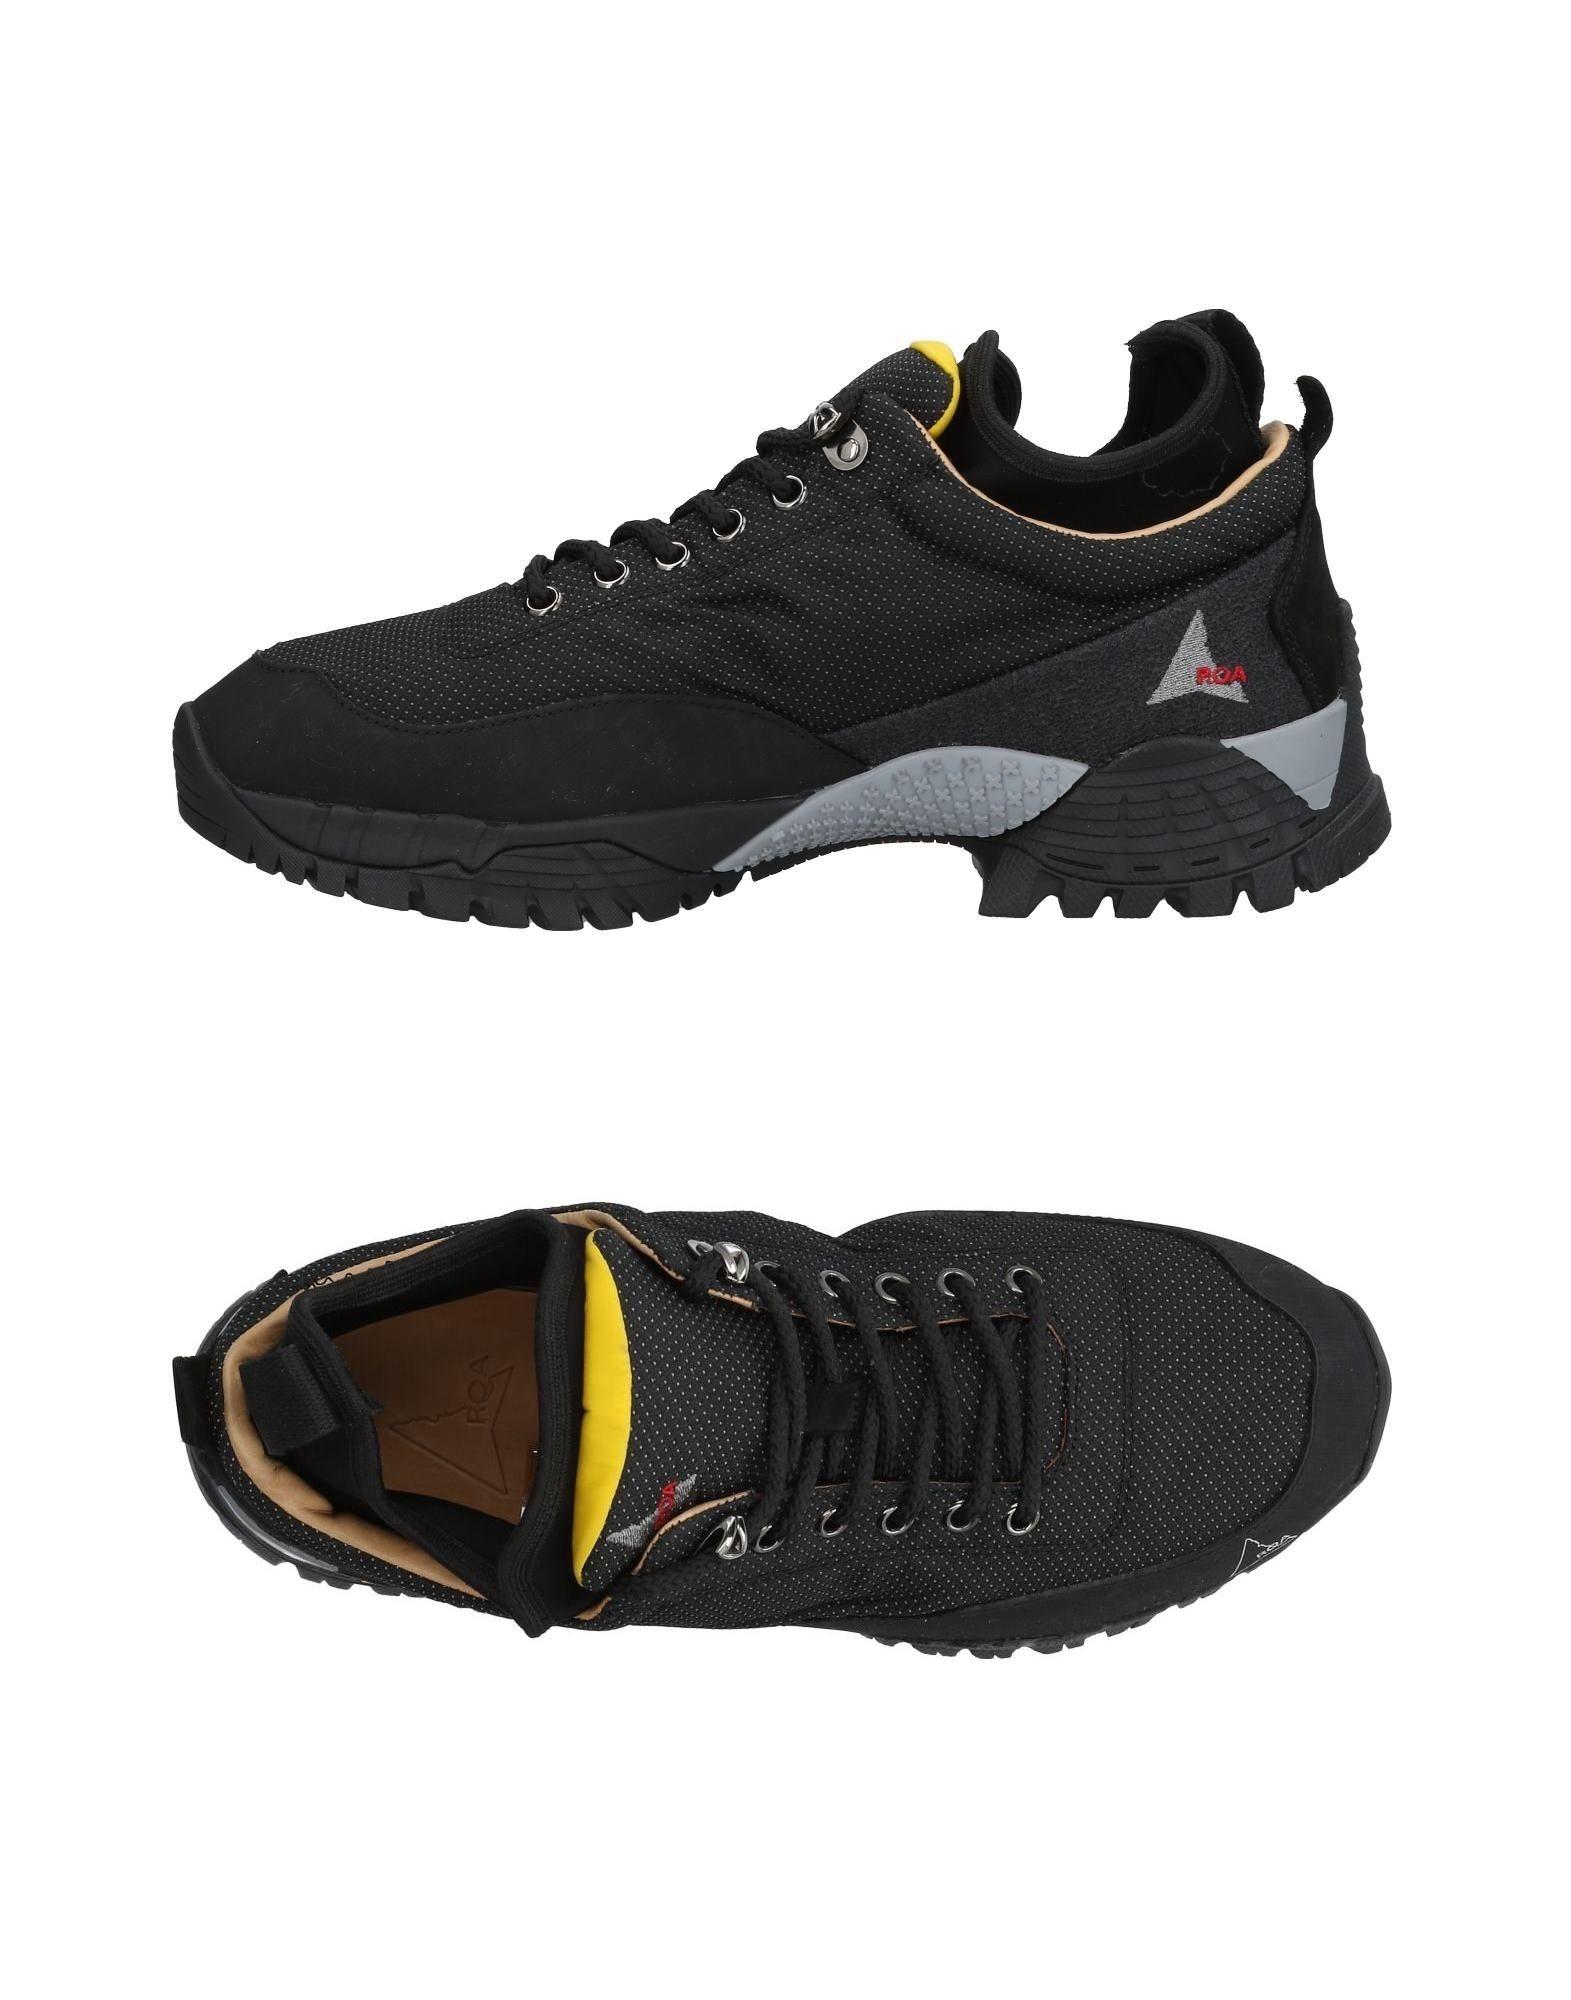 ROA Sneakers in Black